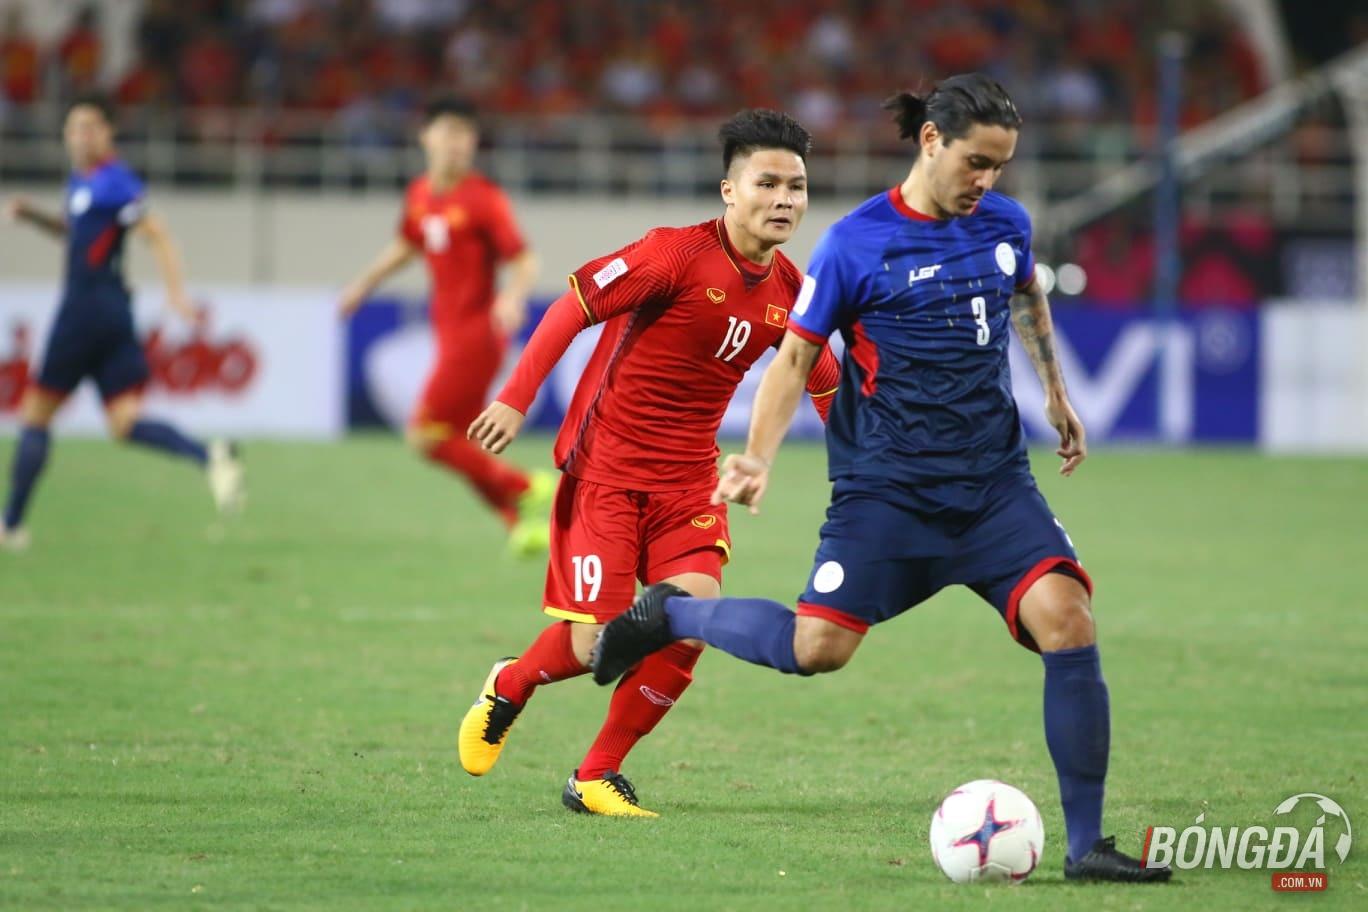 TRỰC TIẾP ĐT Việt Nam 0-0 ĐT Philippines: Đội khách pressing - Bóng Đá